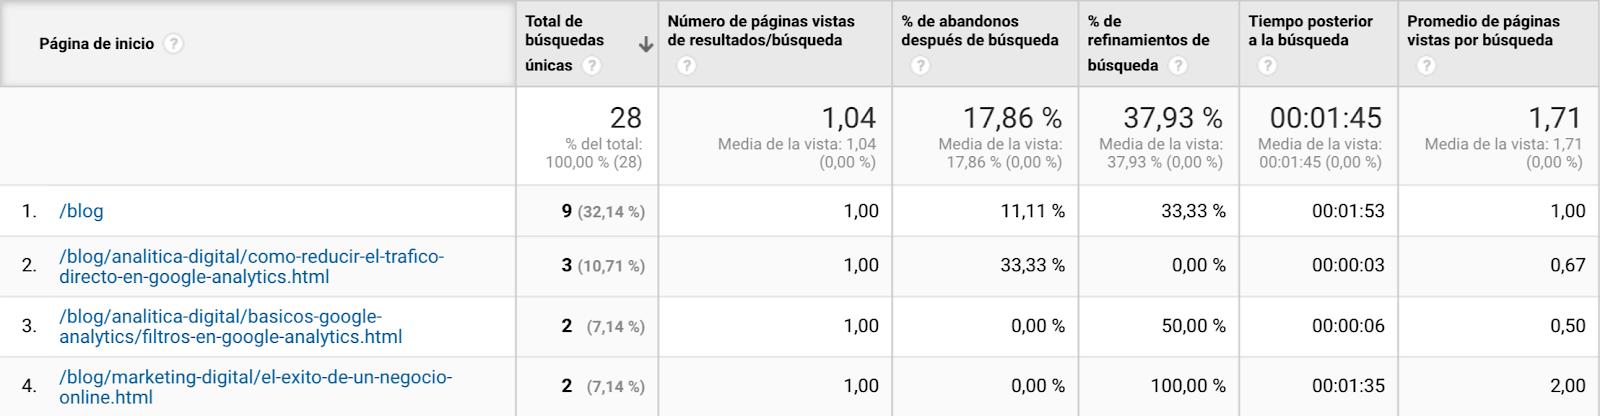 Informe de páginas de búsqueda de Google Analytics.